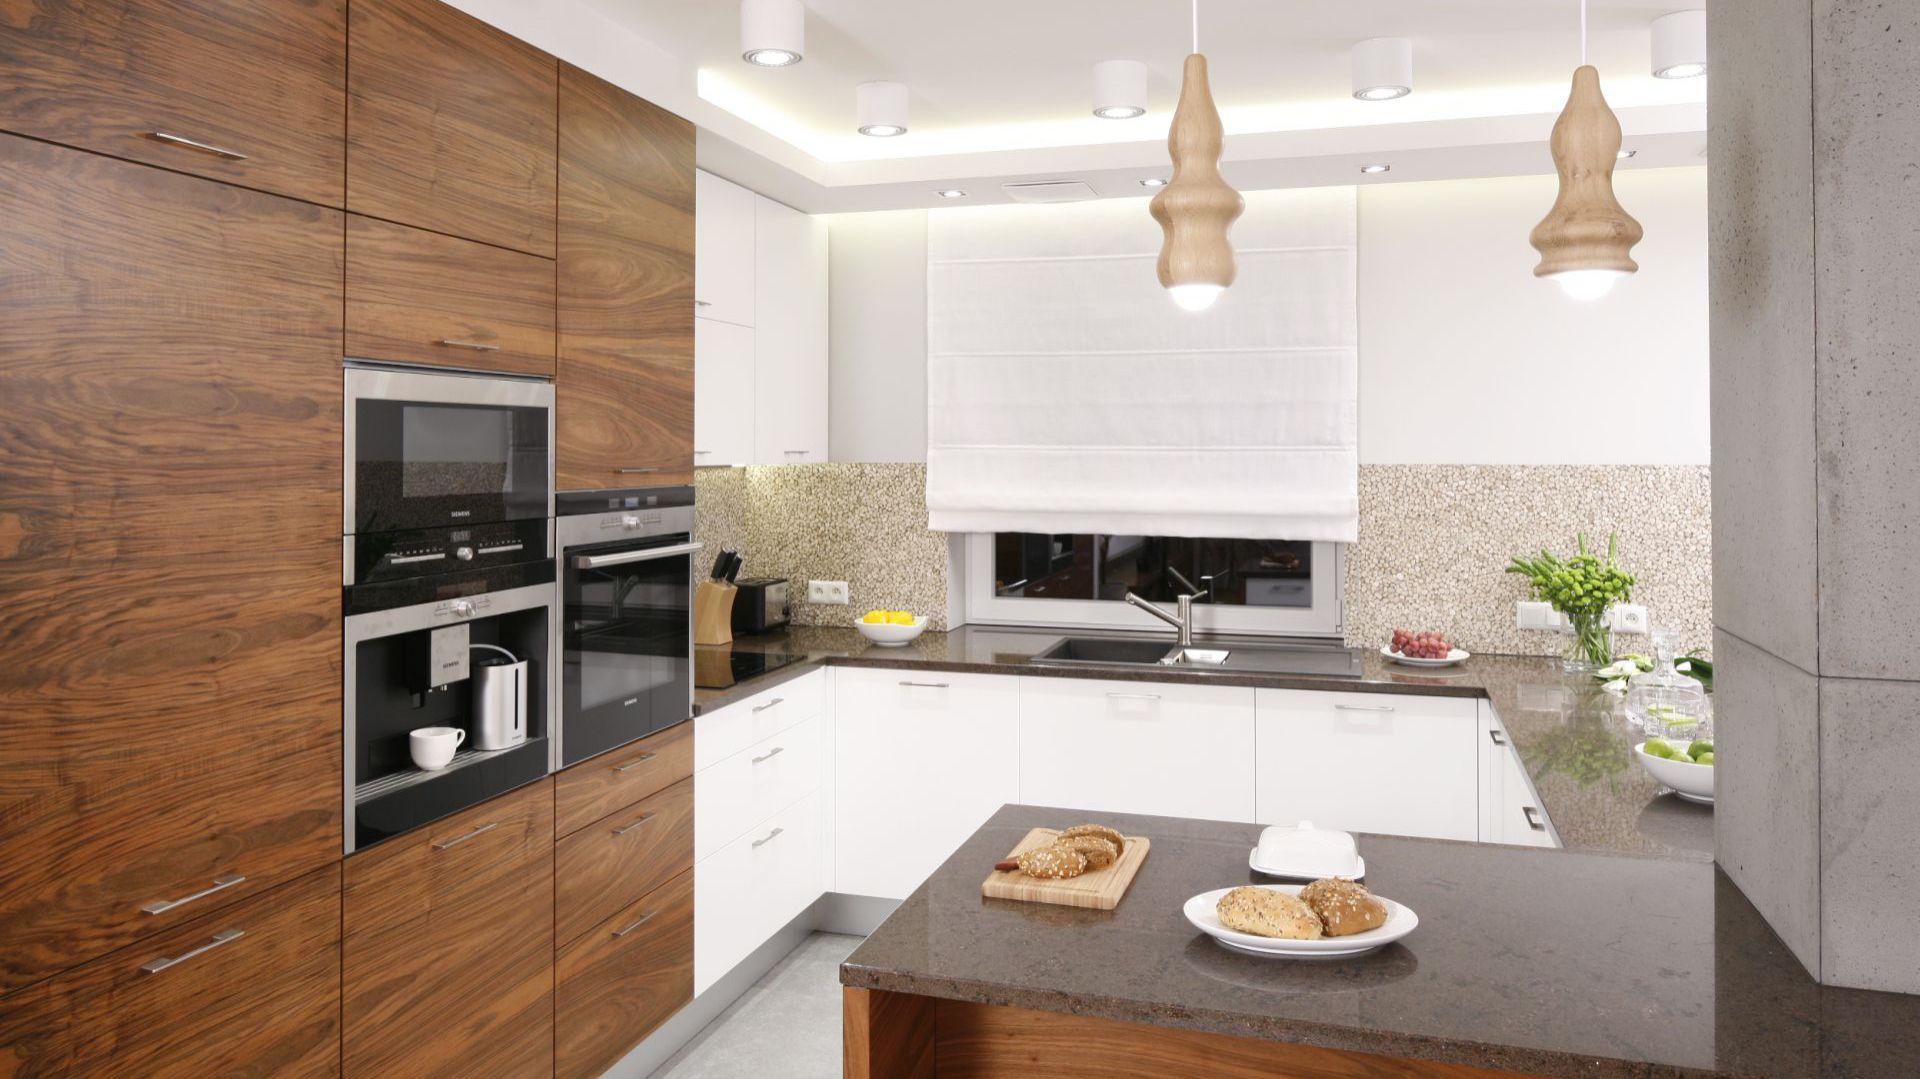 Biała Kuchnia Ocieplona Drewnem Tak Możesz Ją Urządzić